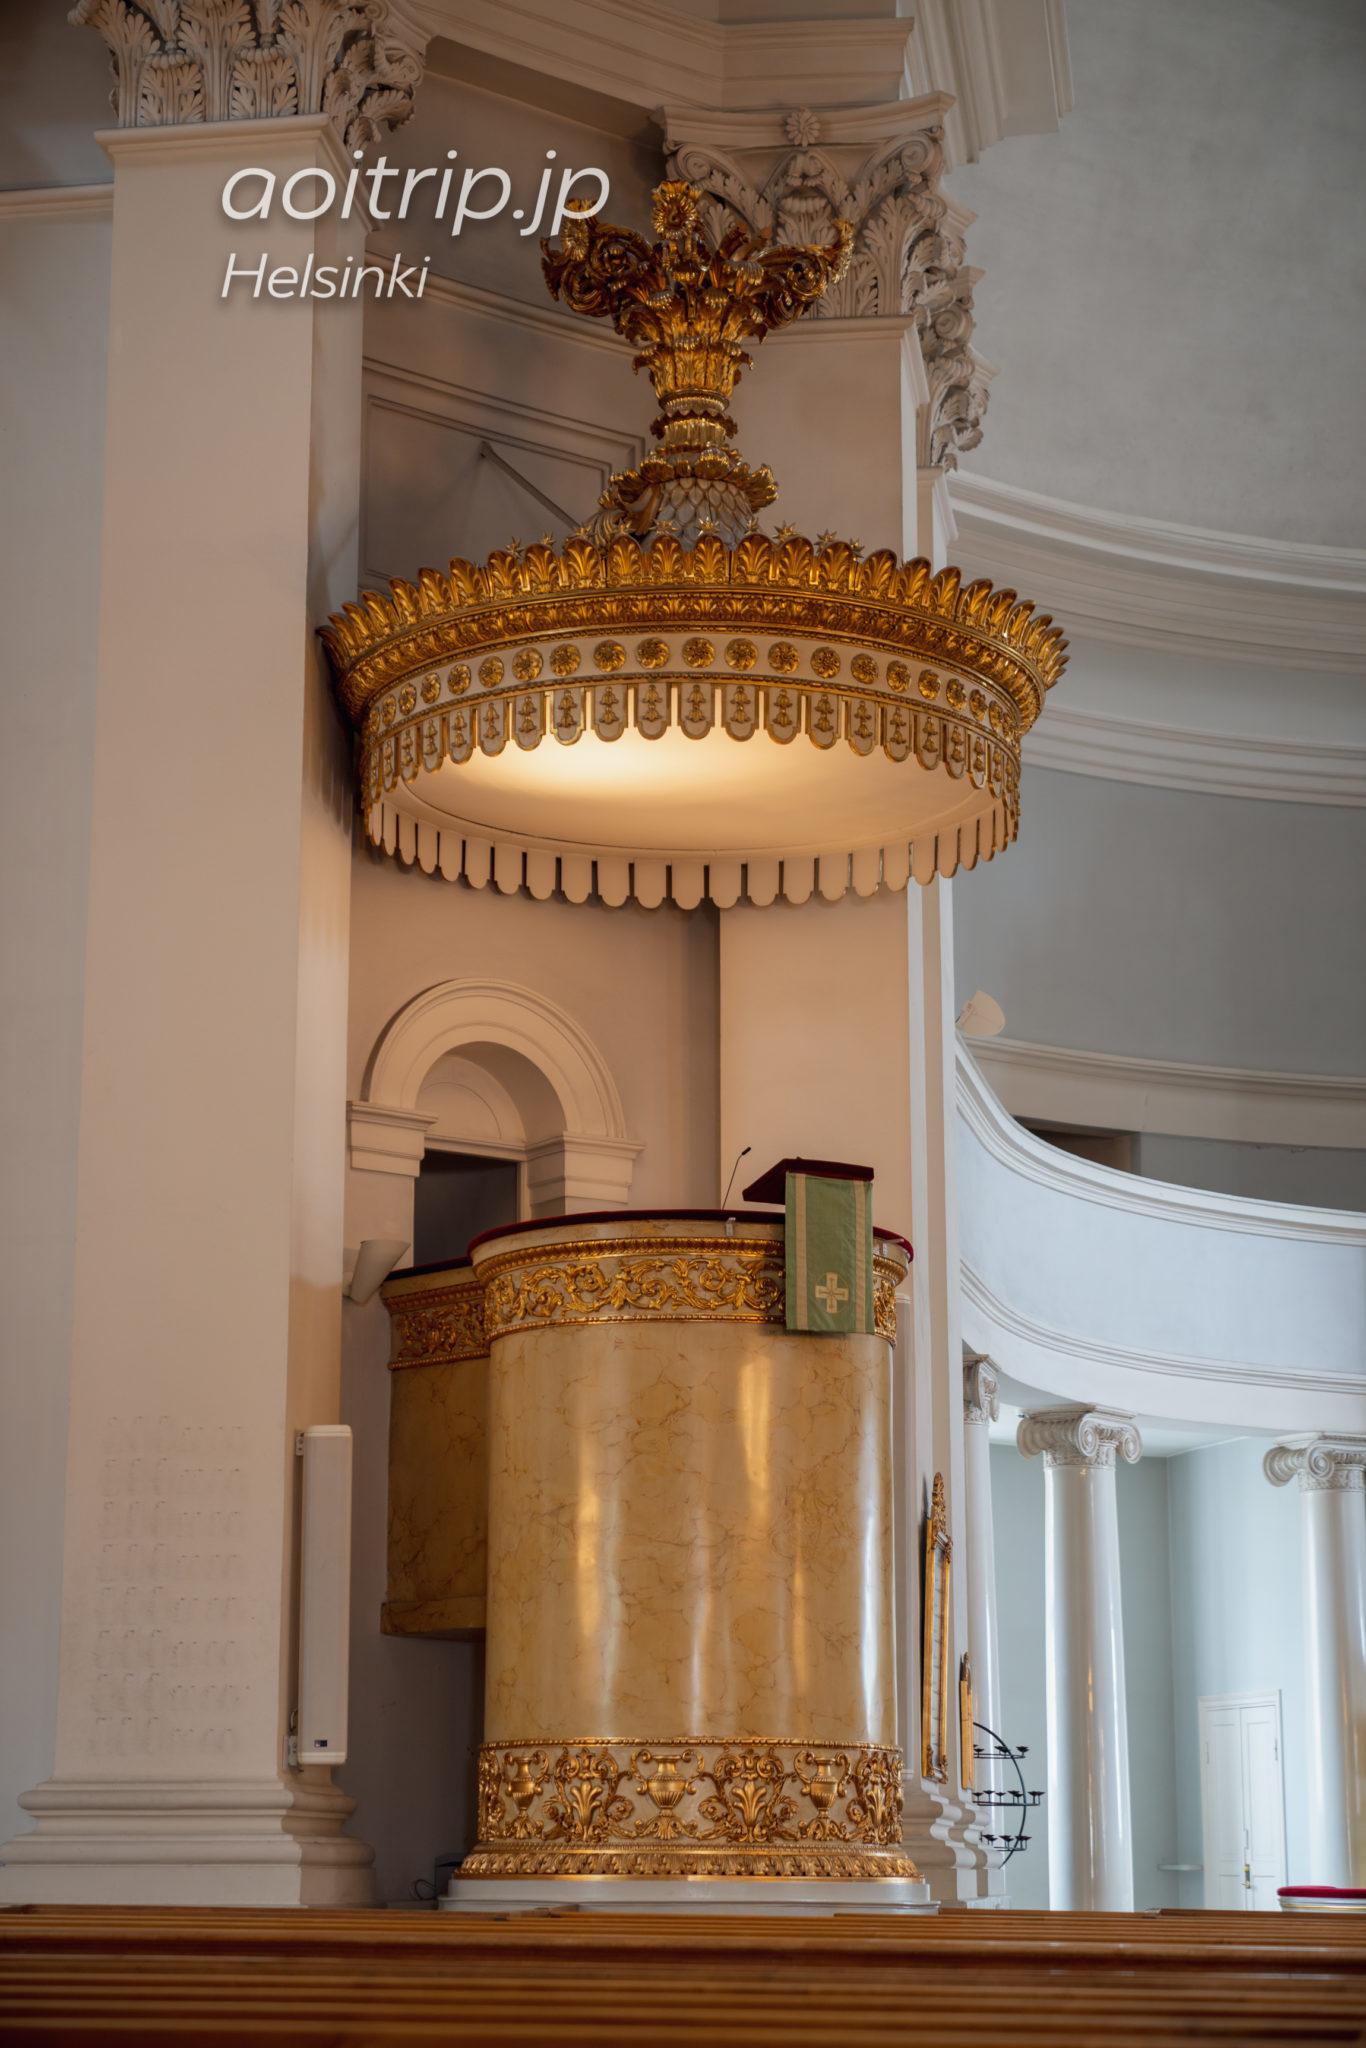 ヘルシンキ大聖堂の内部